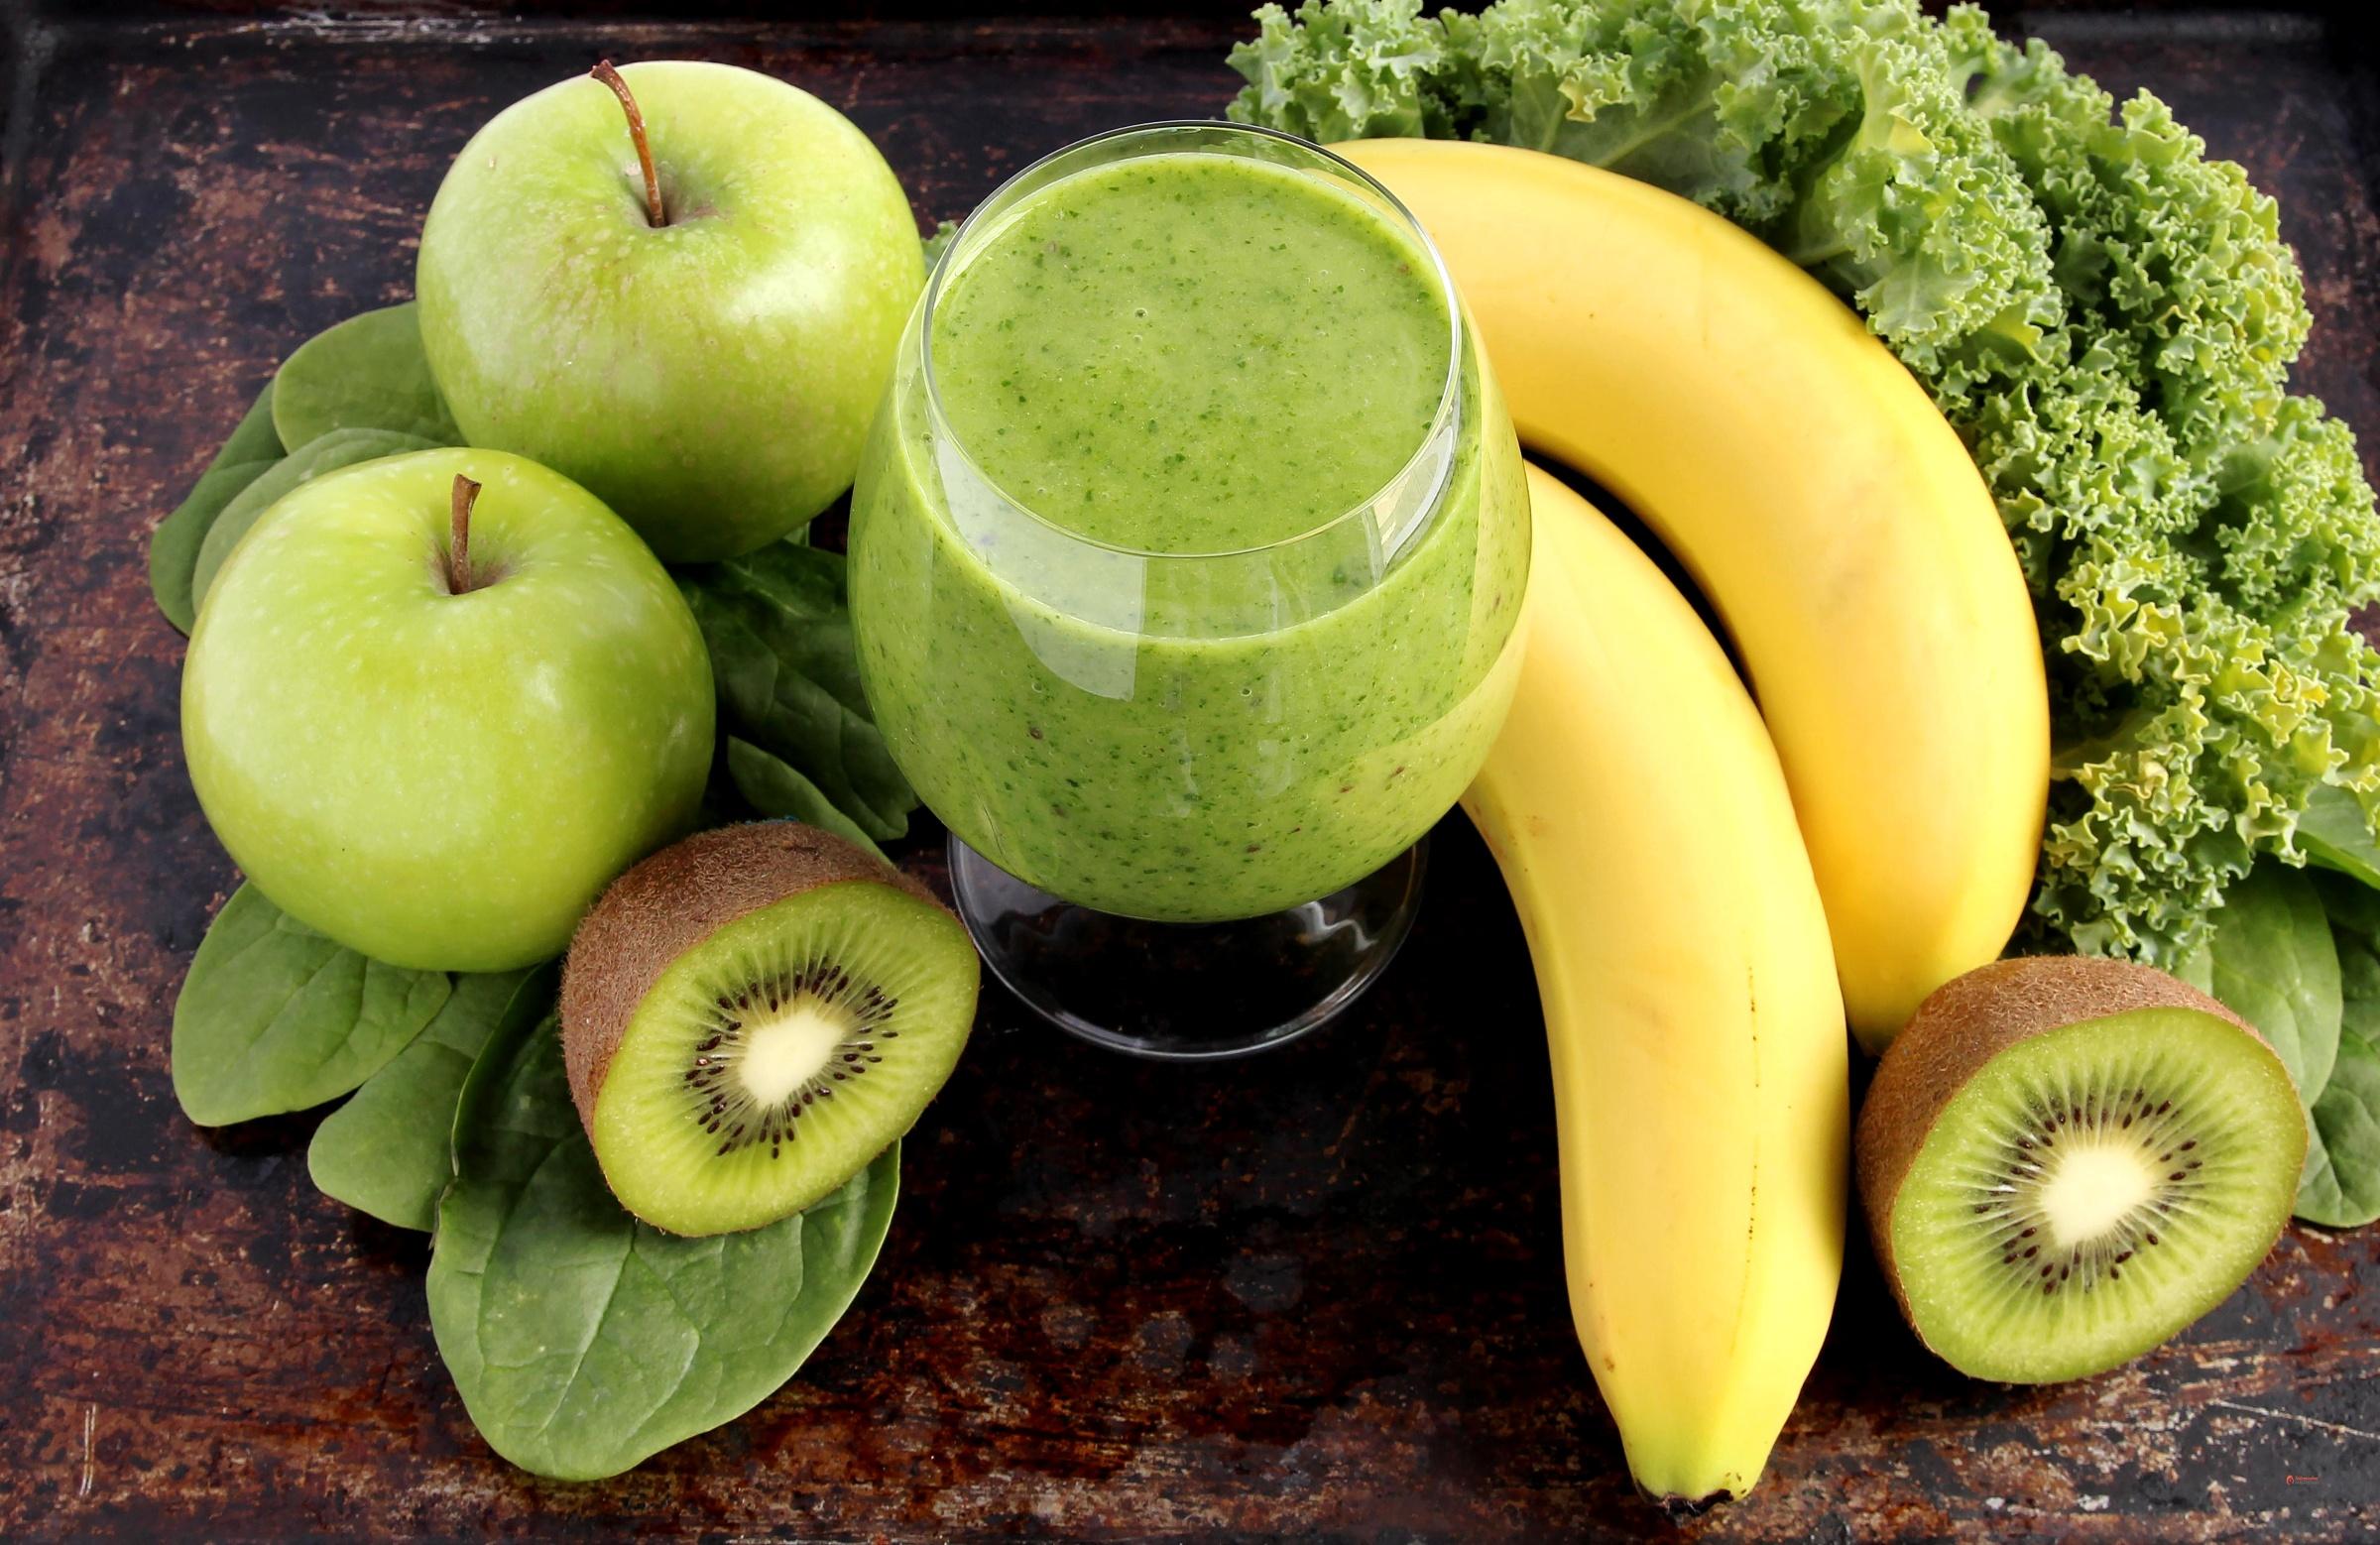 Способствуют Ли Зеленые Яблоки Похудению.